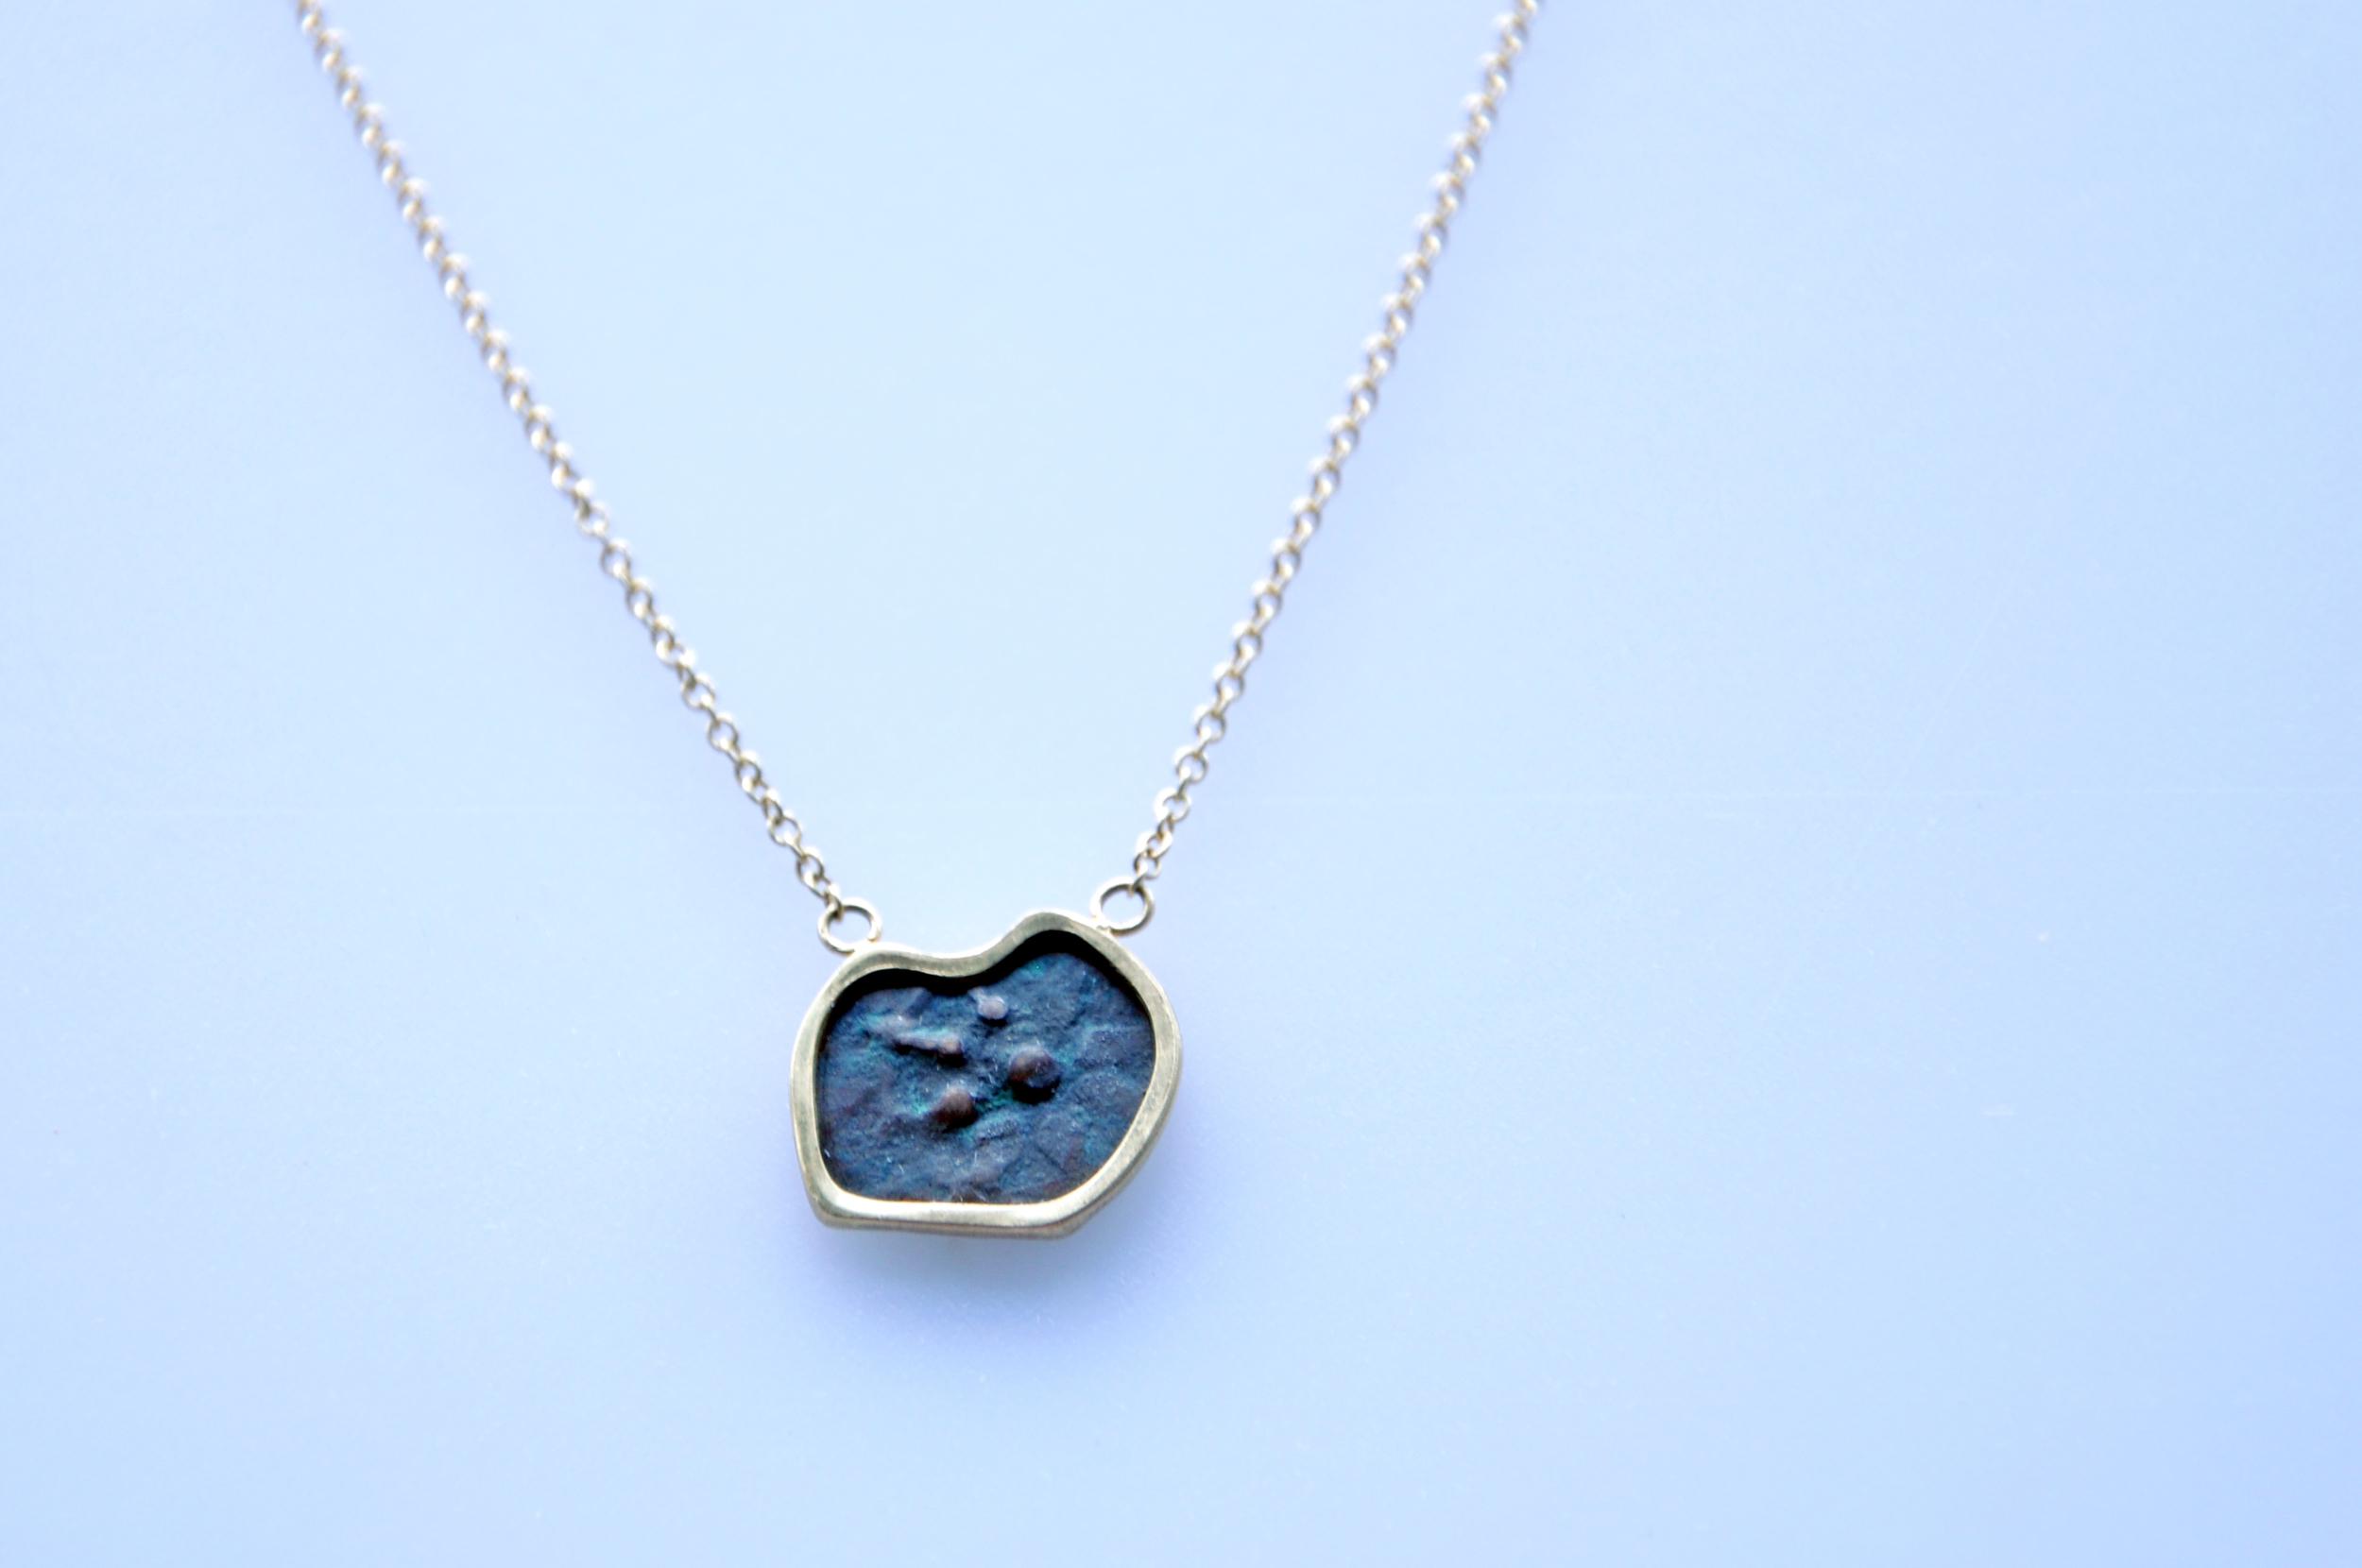 Widow's Mite Necklace - detail